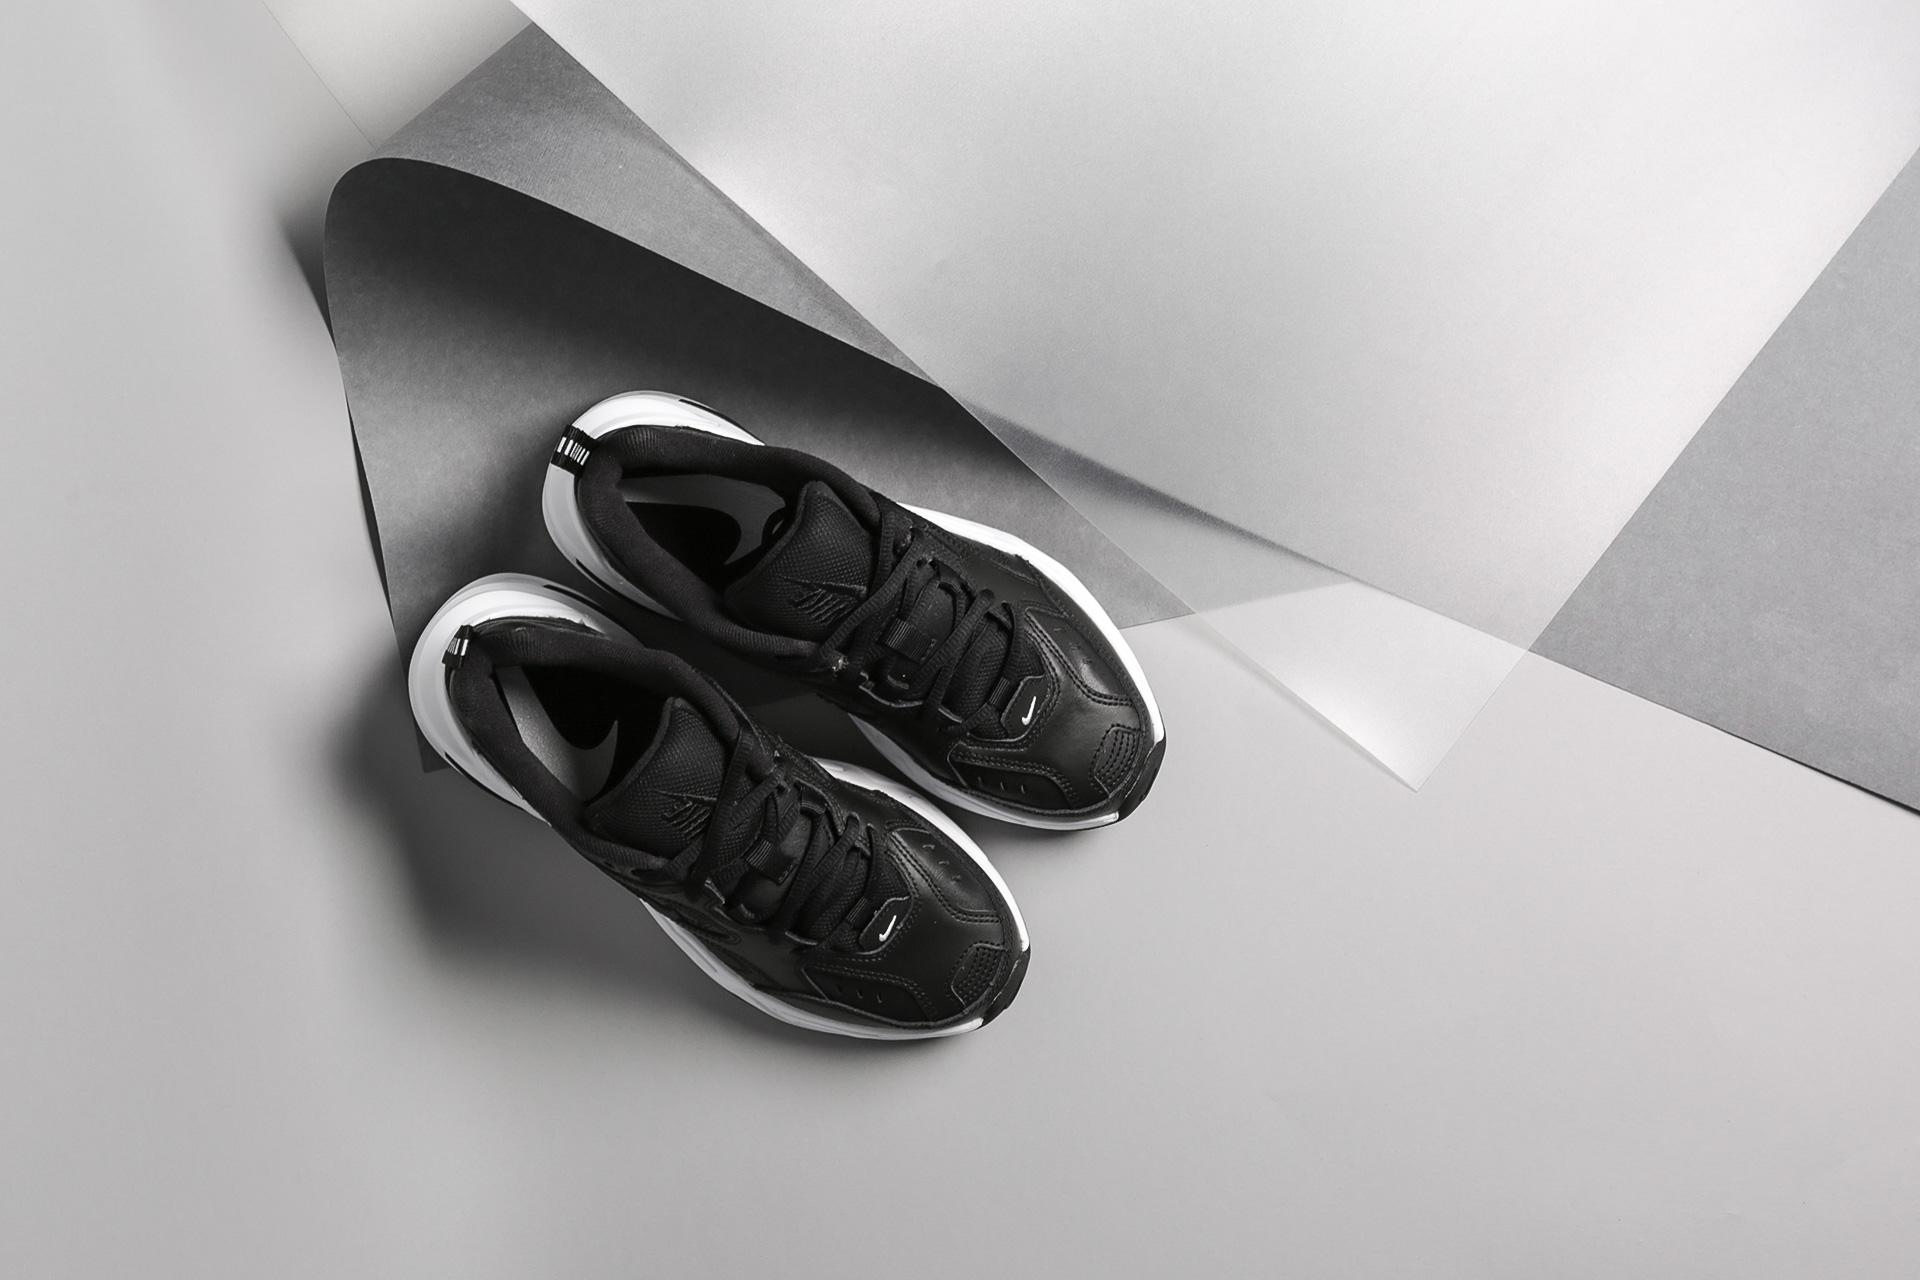 f17875d9 ... Купить женские черные кроссовки Nike WMNS M2K Tekno - фото 4 картинки  ...